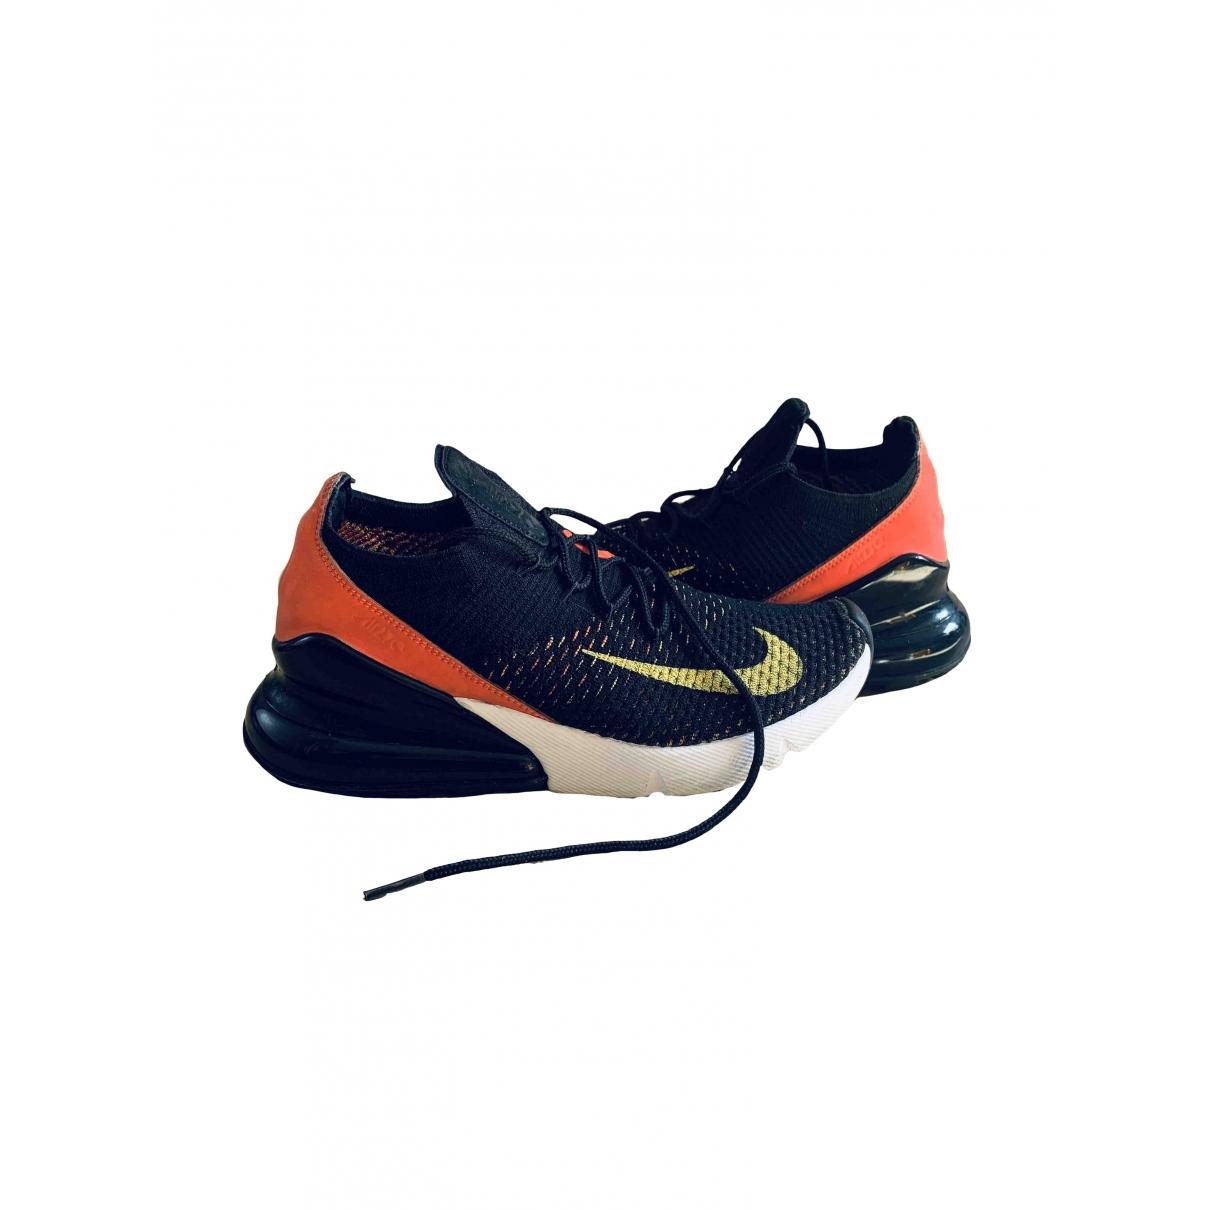 Nike Air Max 270  Multicolour Cloth Trainers for Women 37.5 EU